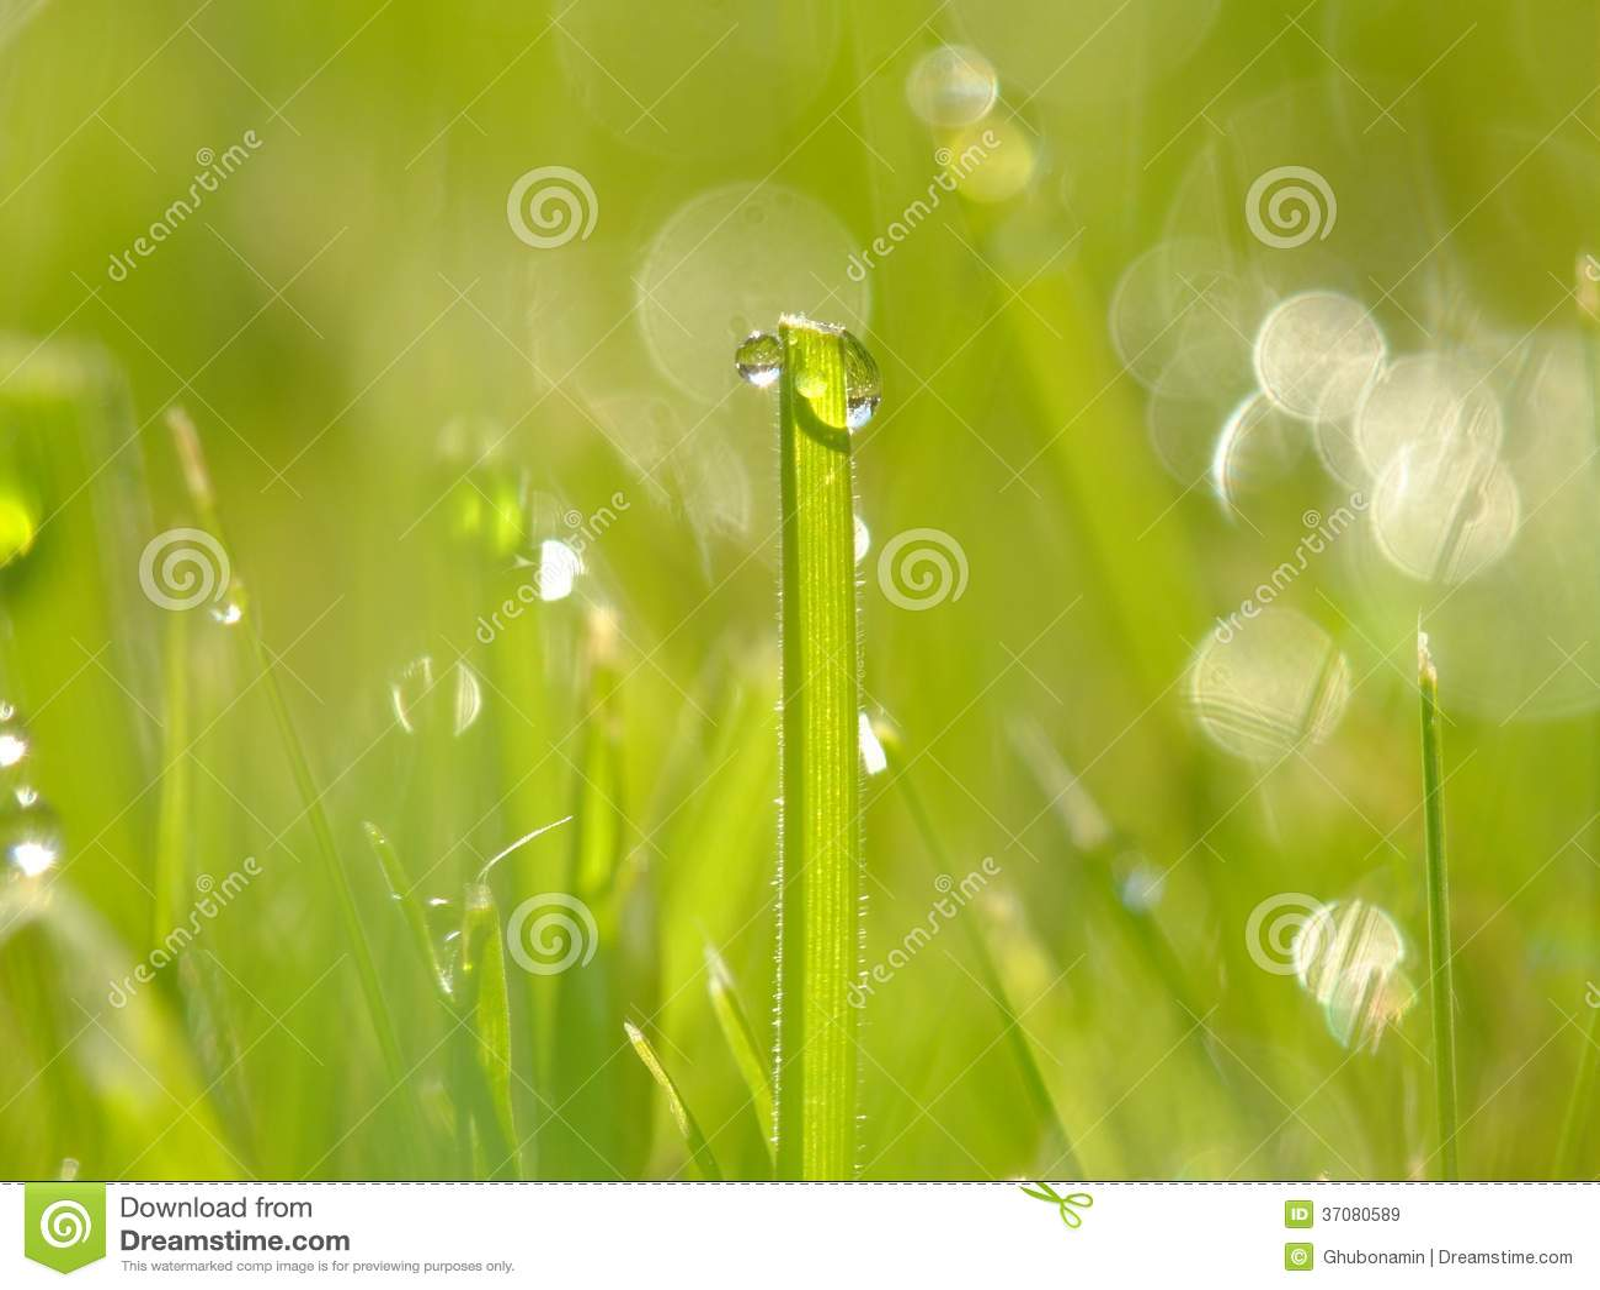 Download Świeża zielona trawa obraz stock. Obraz złożonej z krajobraz - 37080589